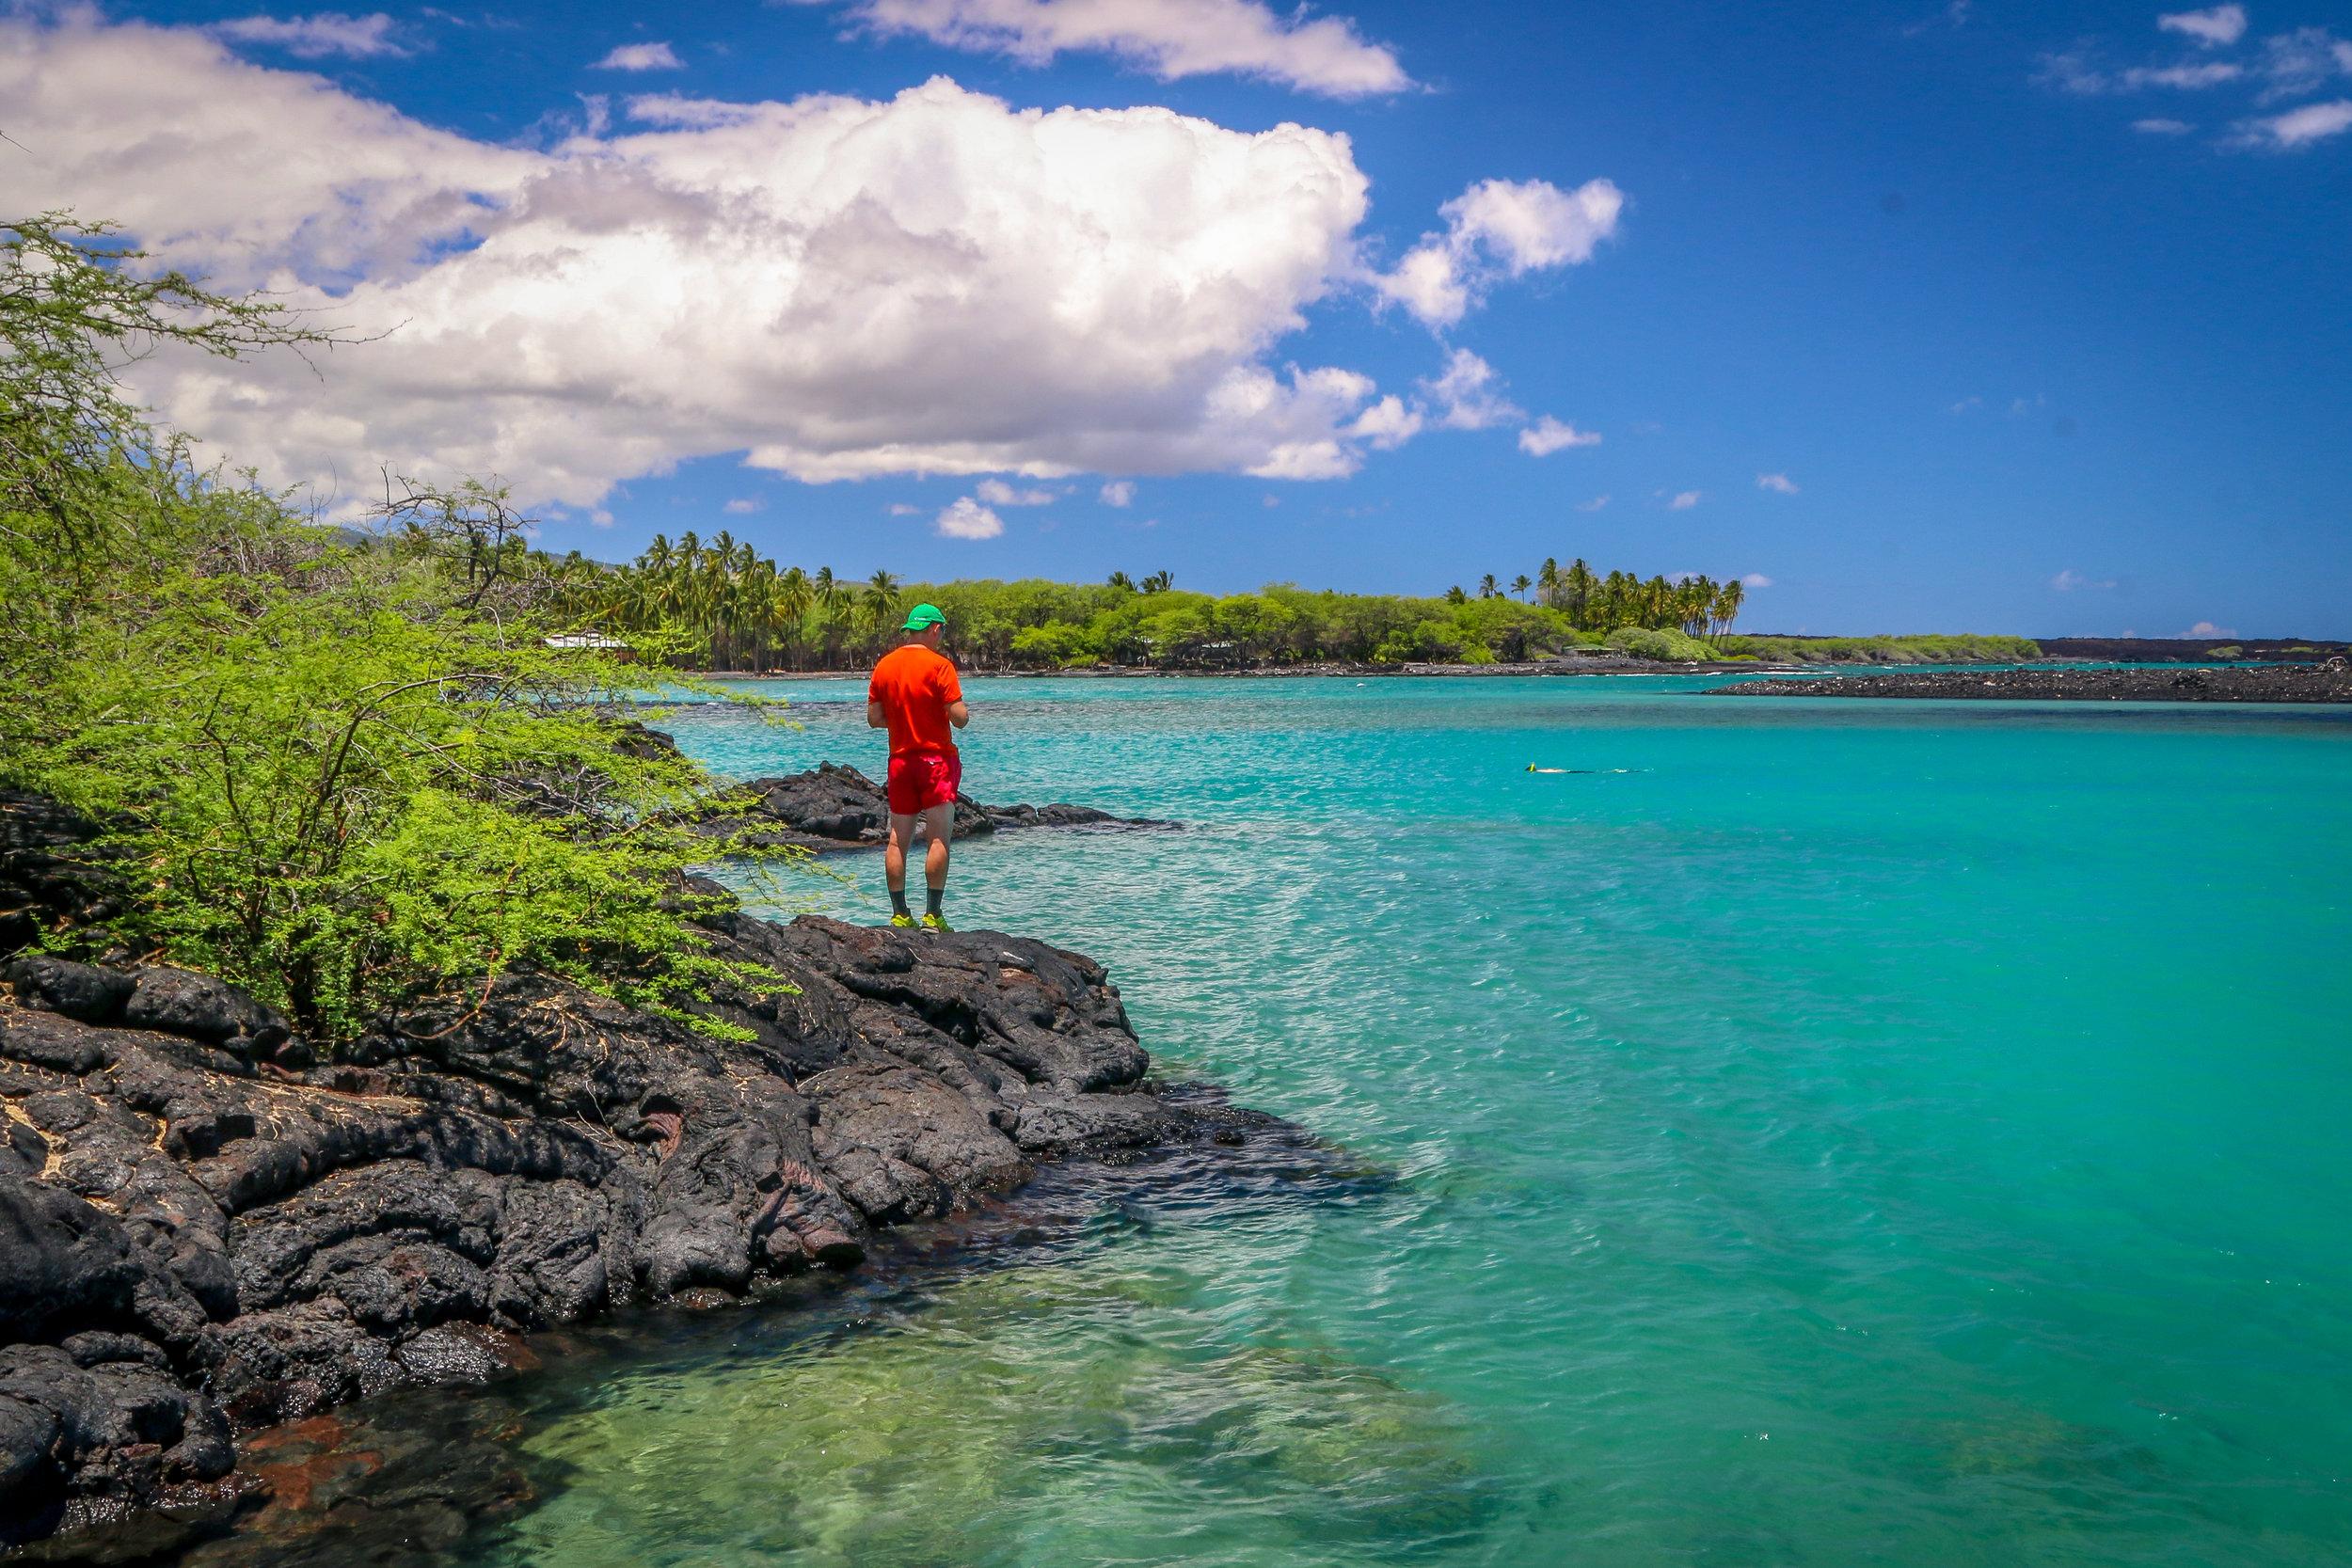 Hawaii HI Big Island Photos Photography turquoise water lagoon